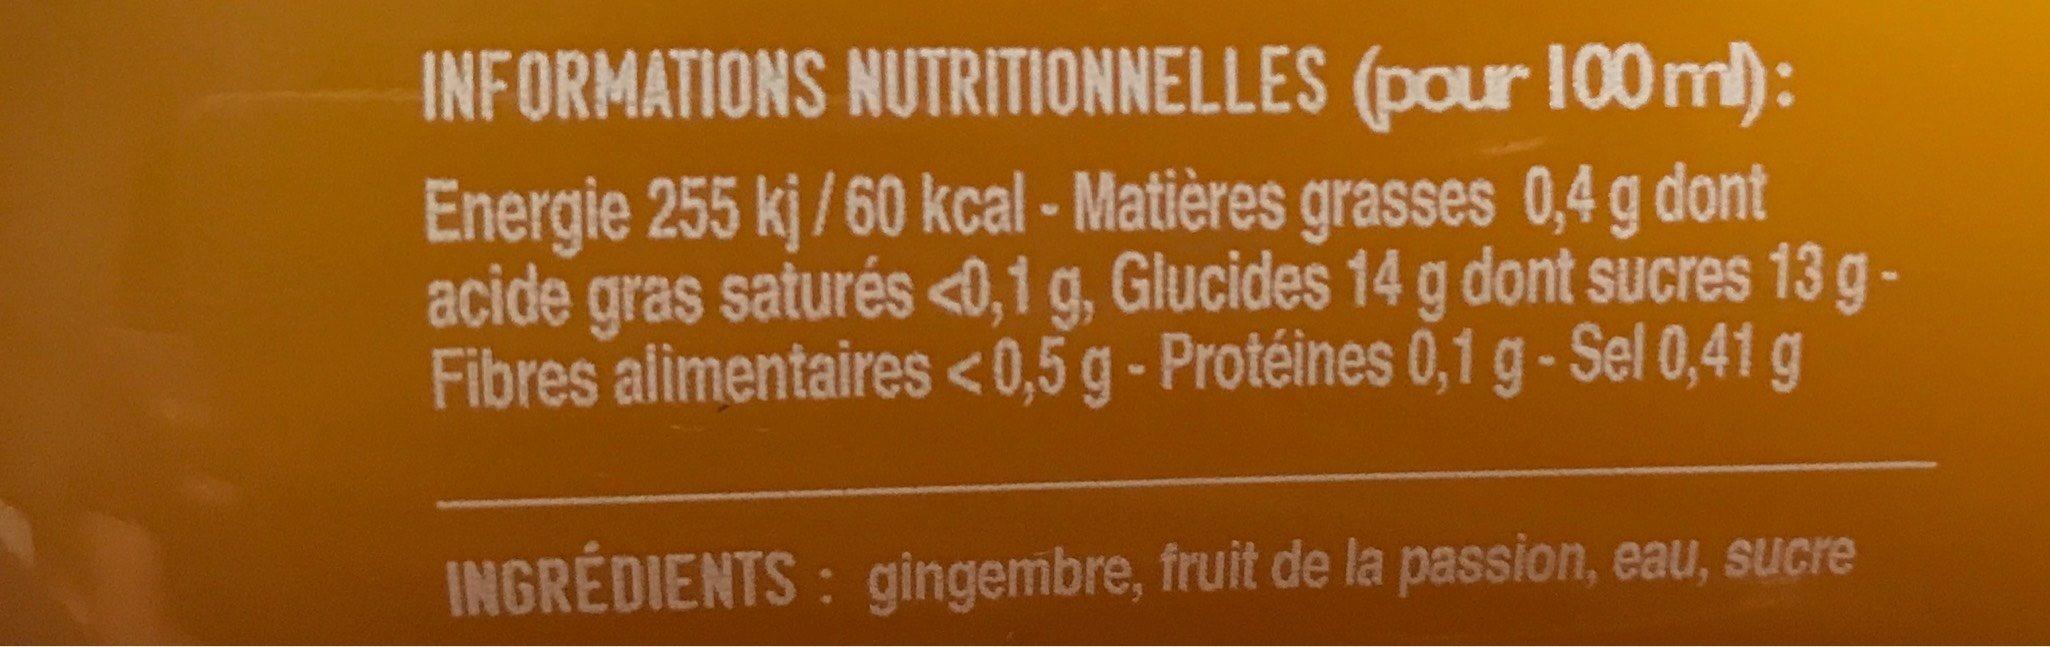 Jus de gingembre passion - Informations nutritionnelles - fr